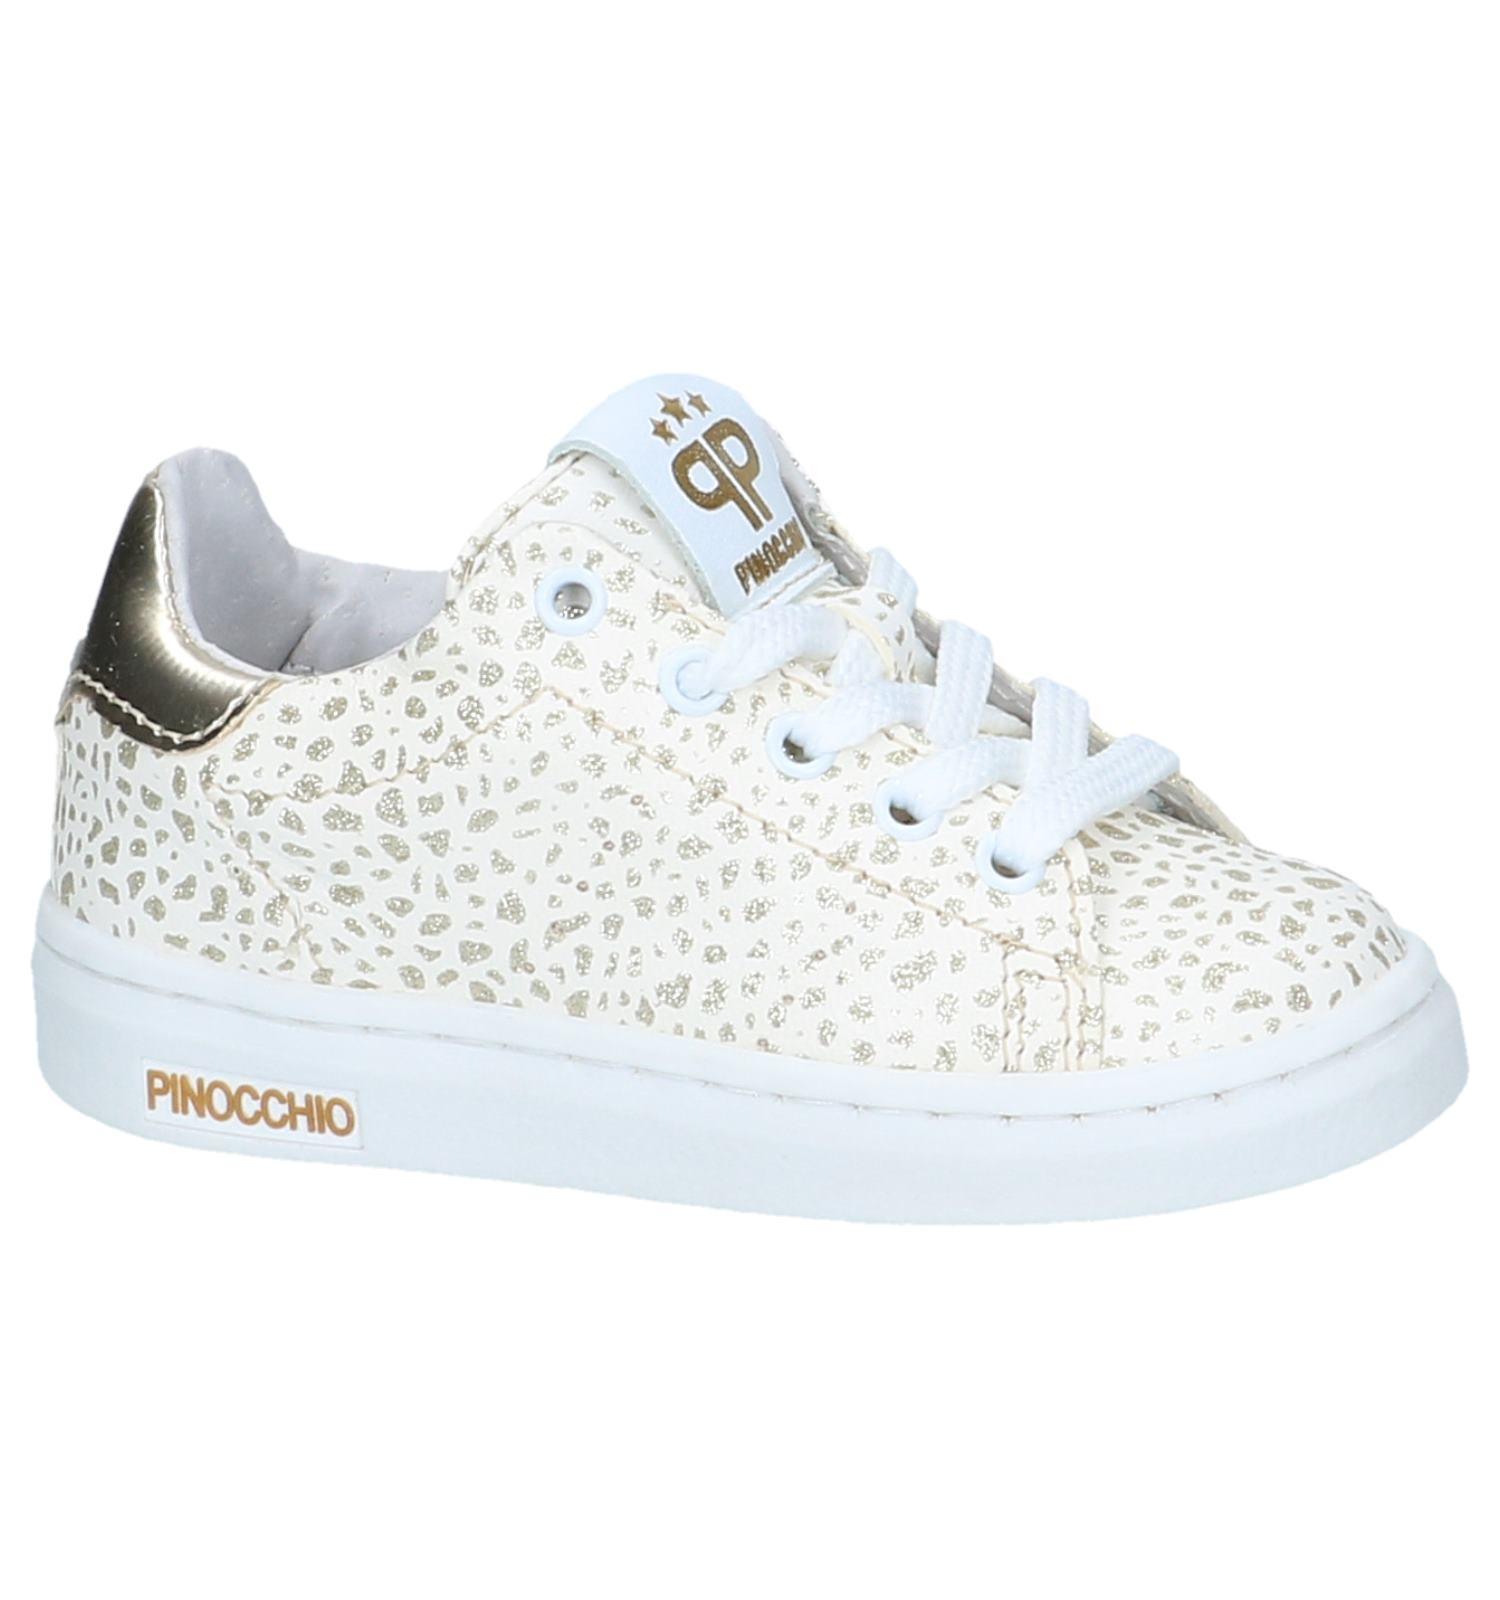 4c2f4bc061d Witte Sneakers met Rits/Veter Pinocchio | SCHOENENTORFS.NL | Gratis verzend  en retour